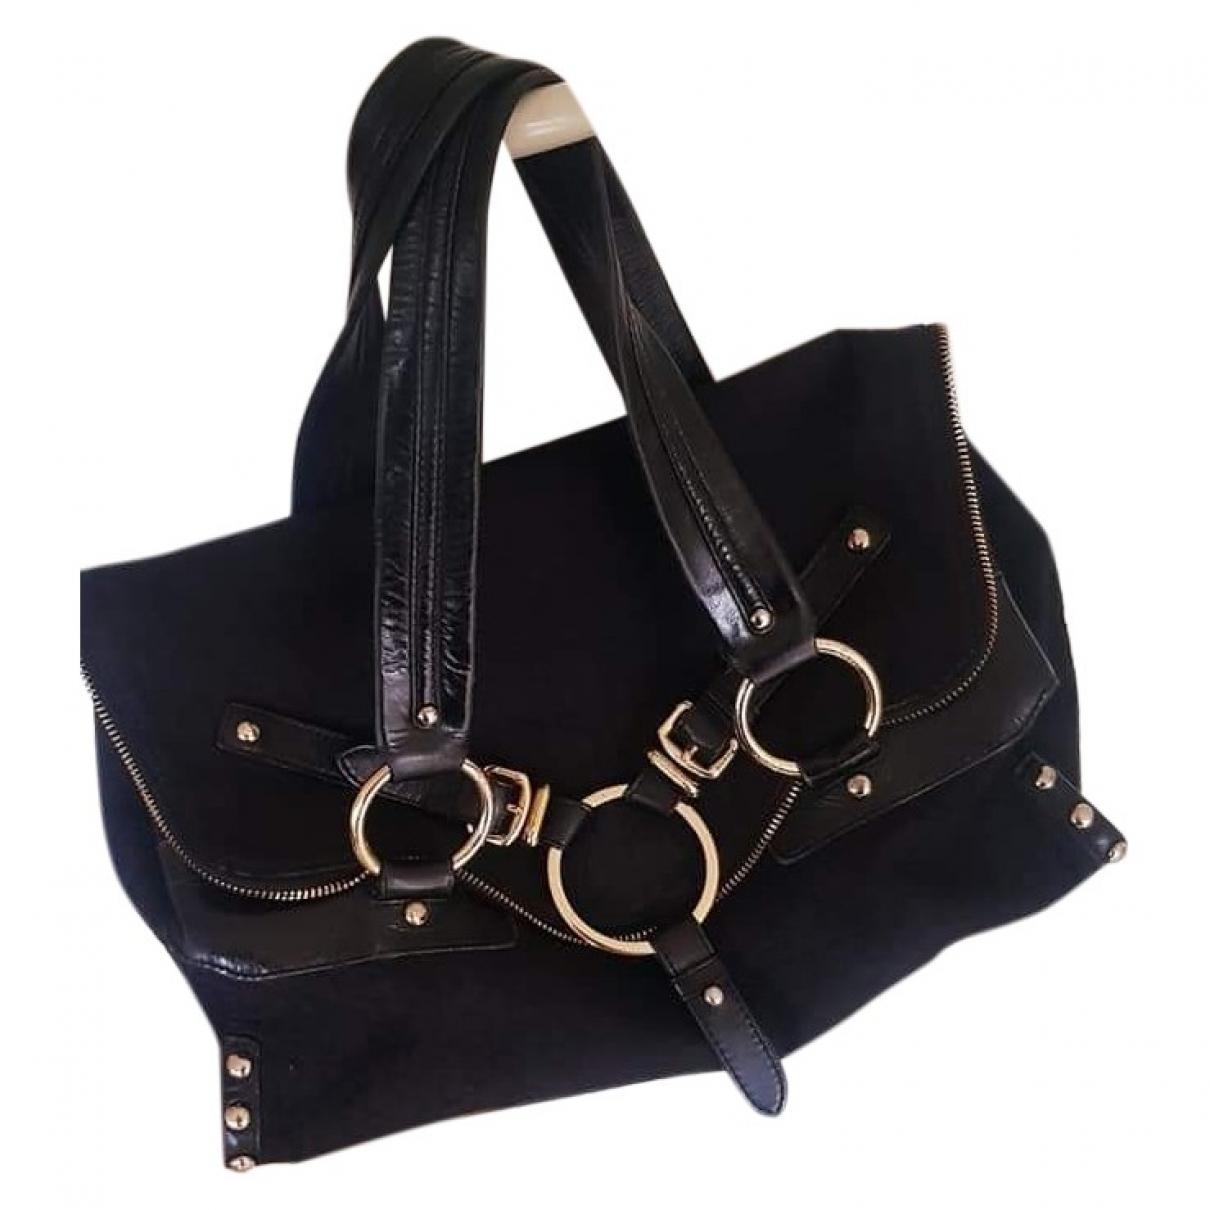 Dkny \N Handtasche in  Schwarz Baumwolle